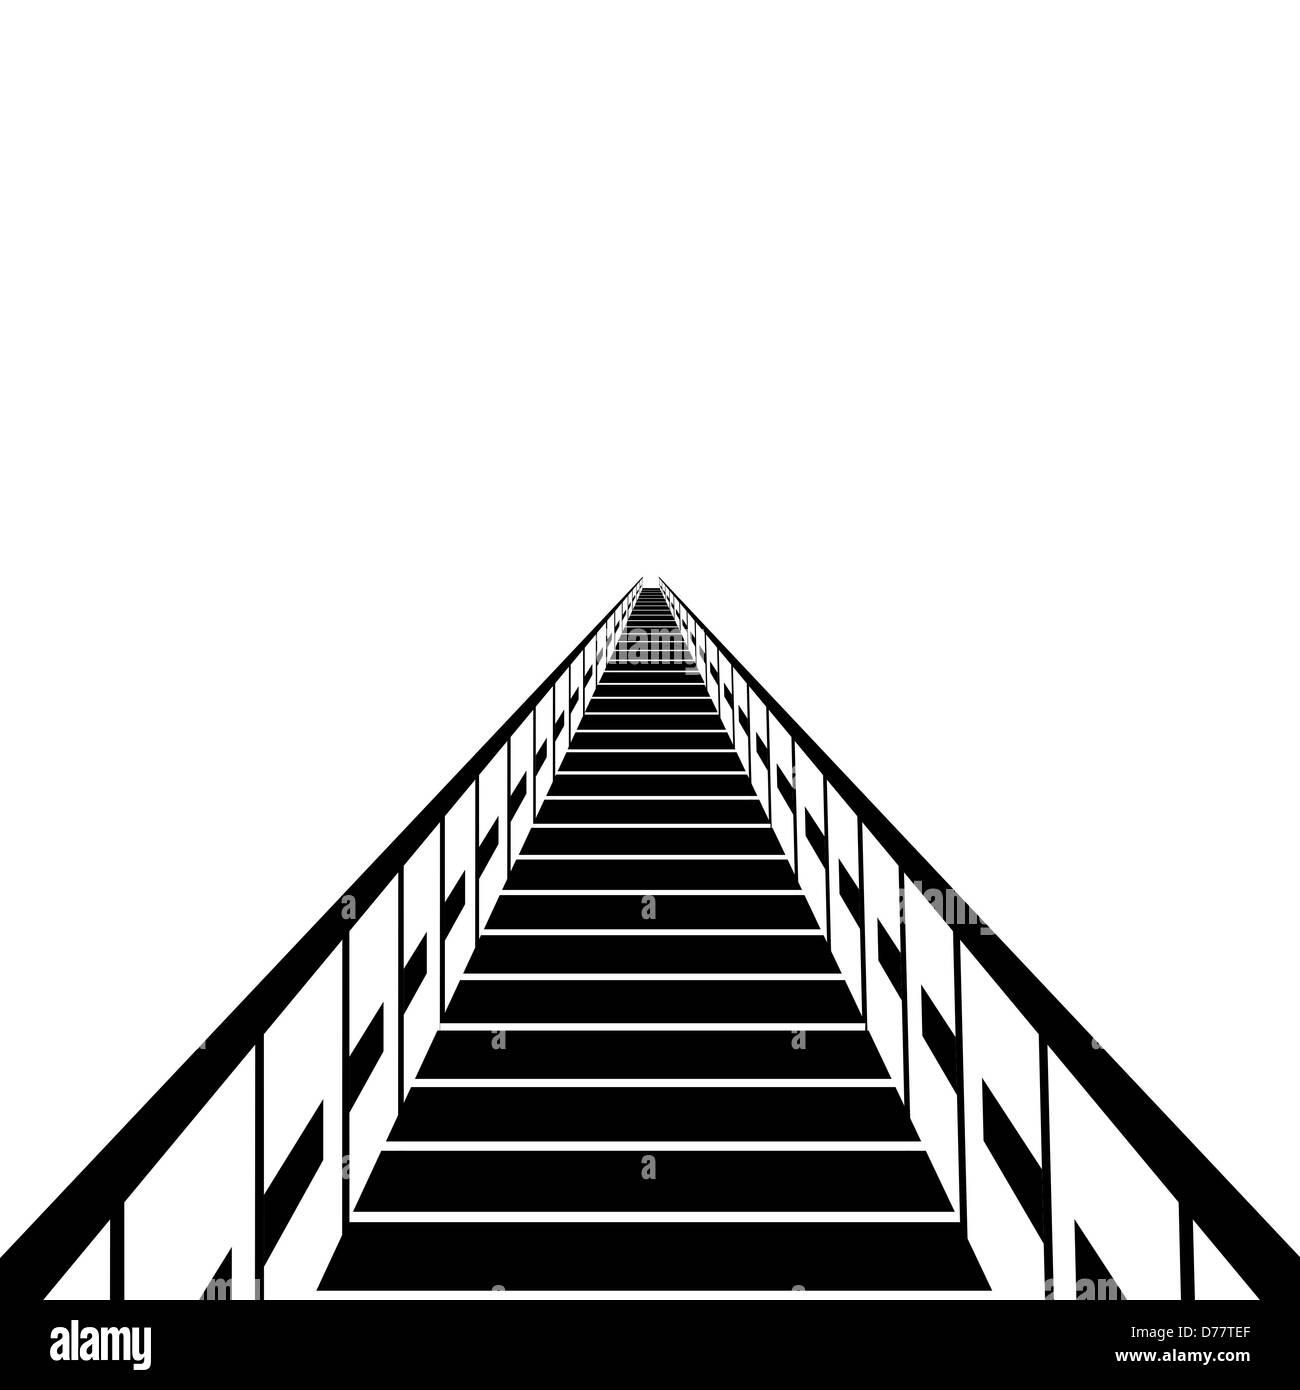 Un ferry en bois. Illustration noir et blanc sur un fond blanc. Photo Stock